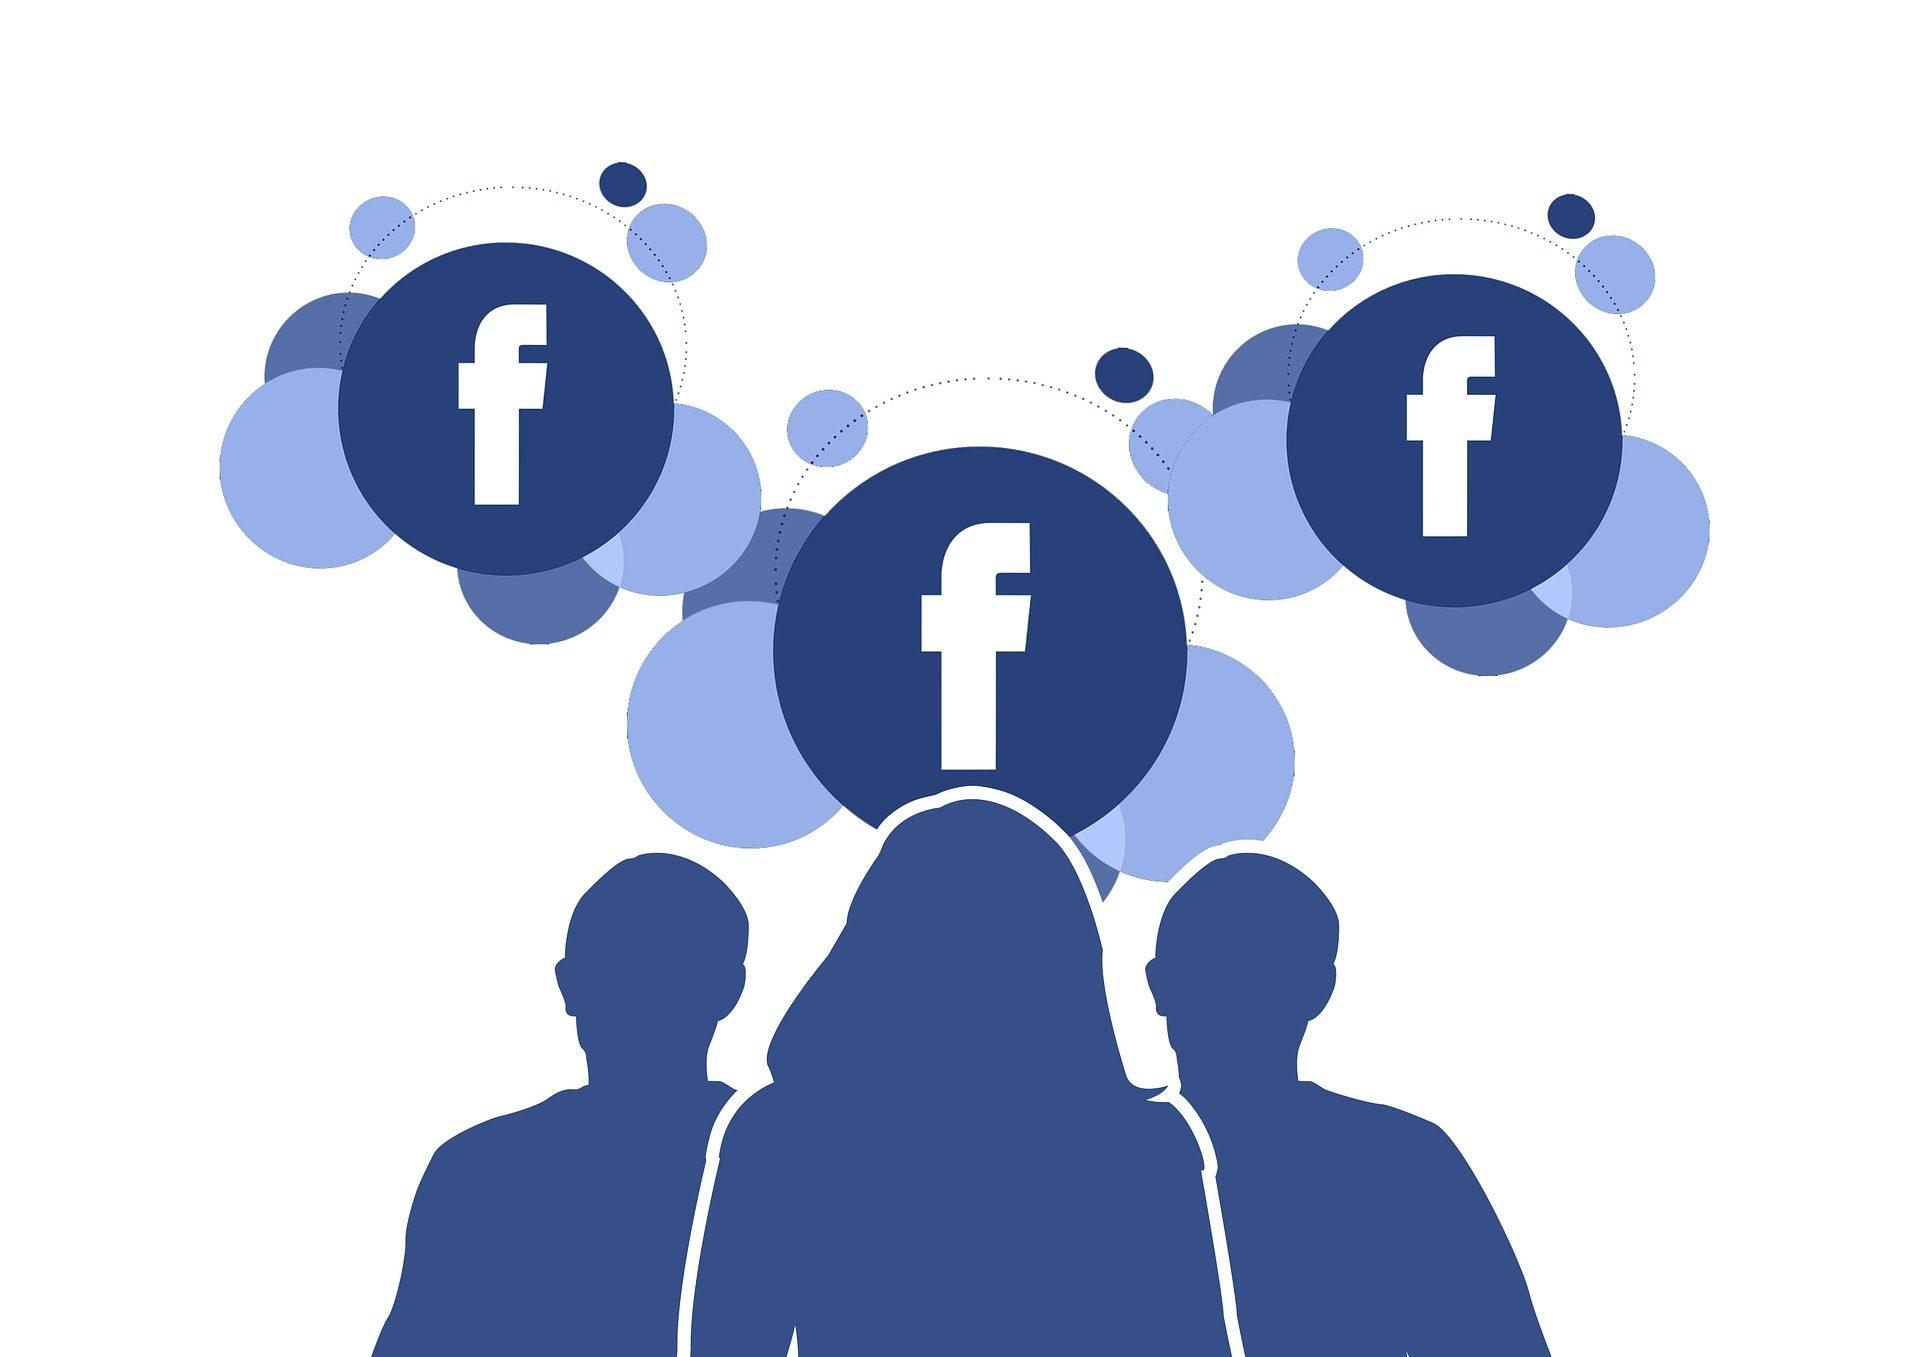 Dettagli tecnici per l'unione di pagine Facebook